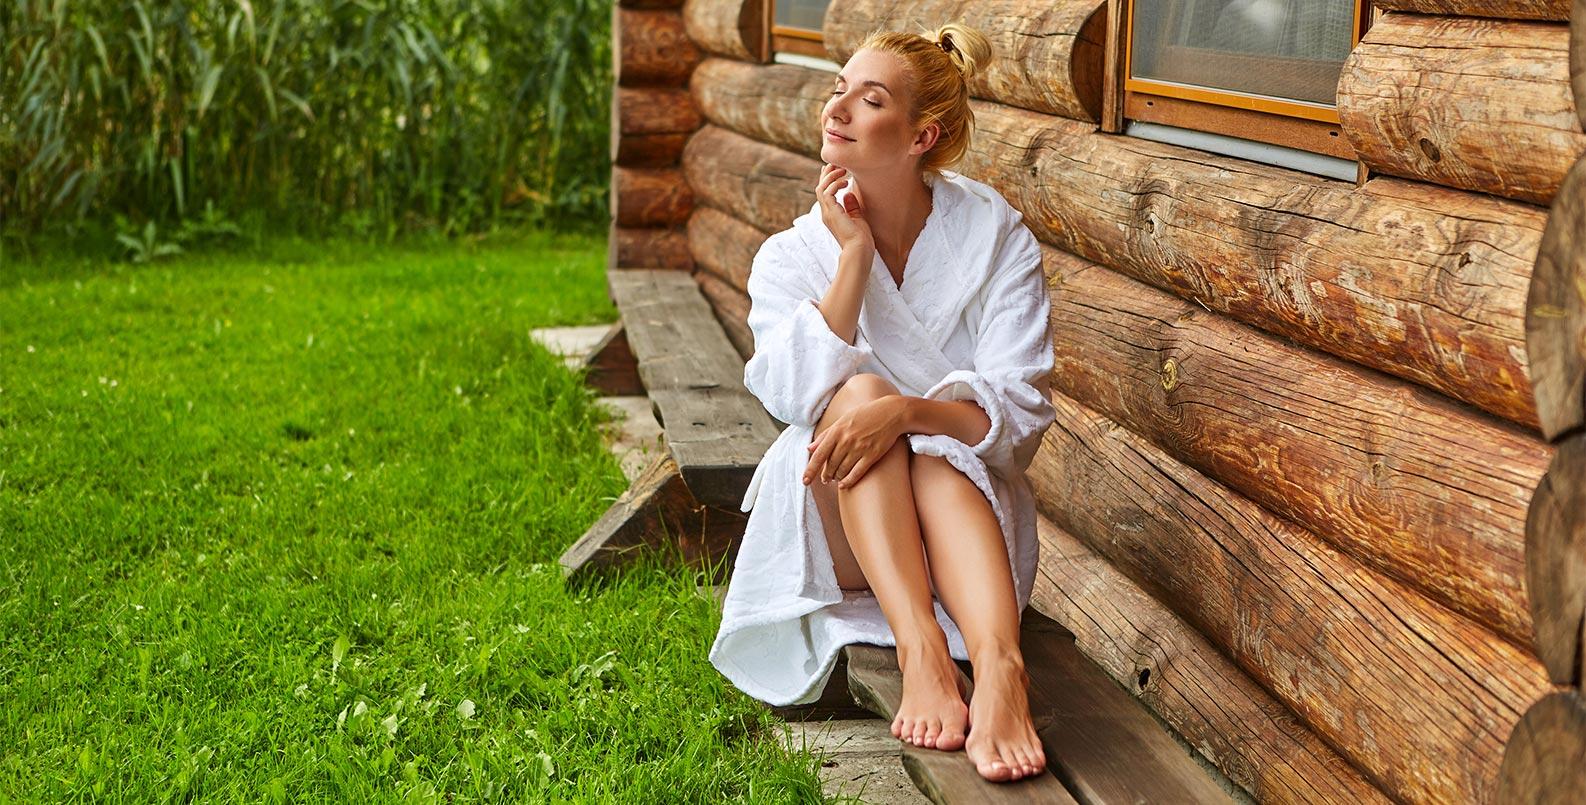 Frau entspannt draußen im Garten nach Saunieren.